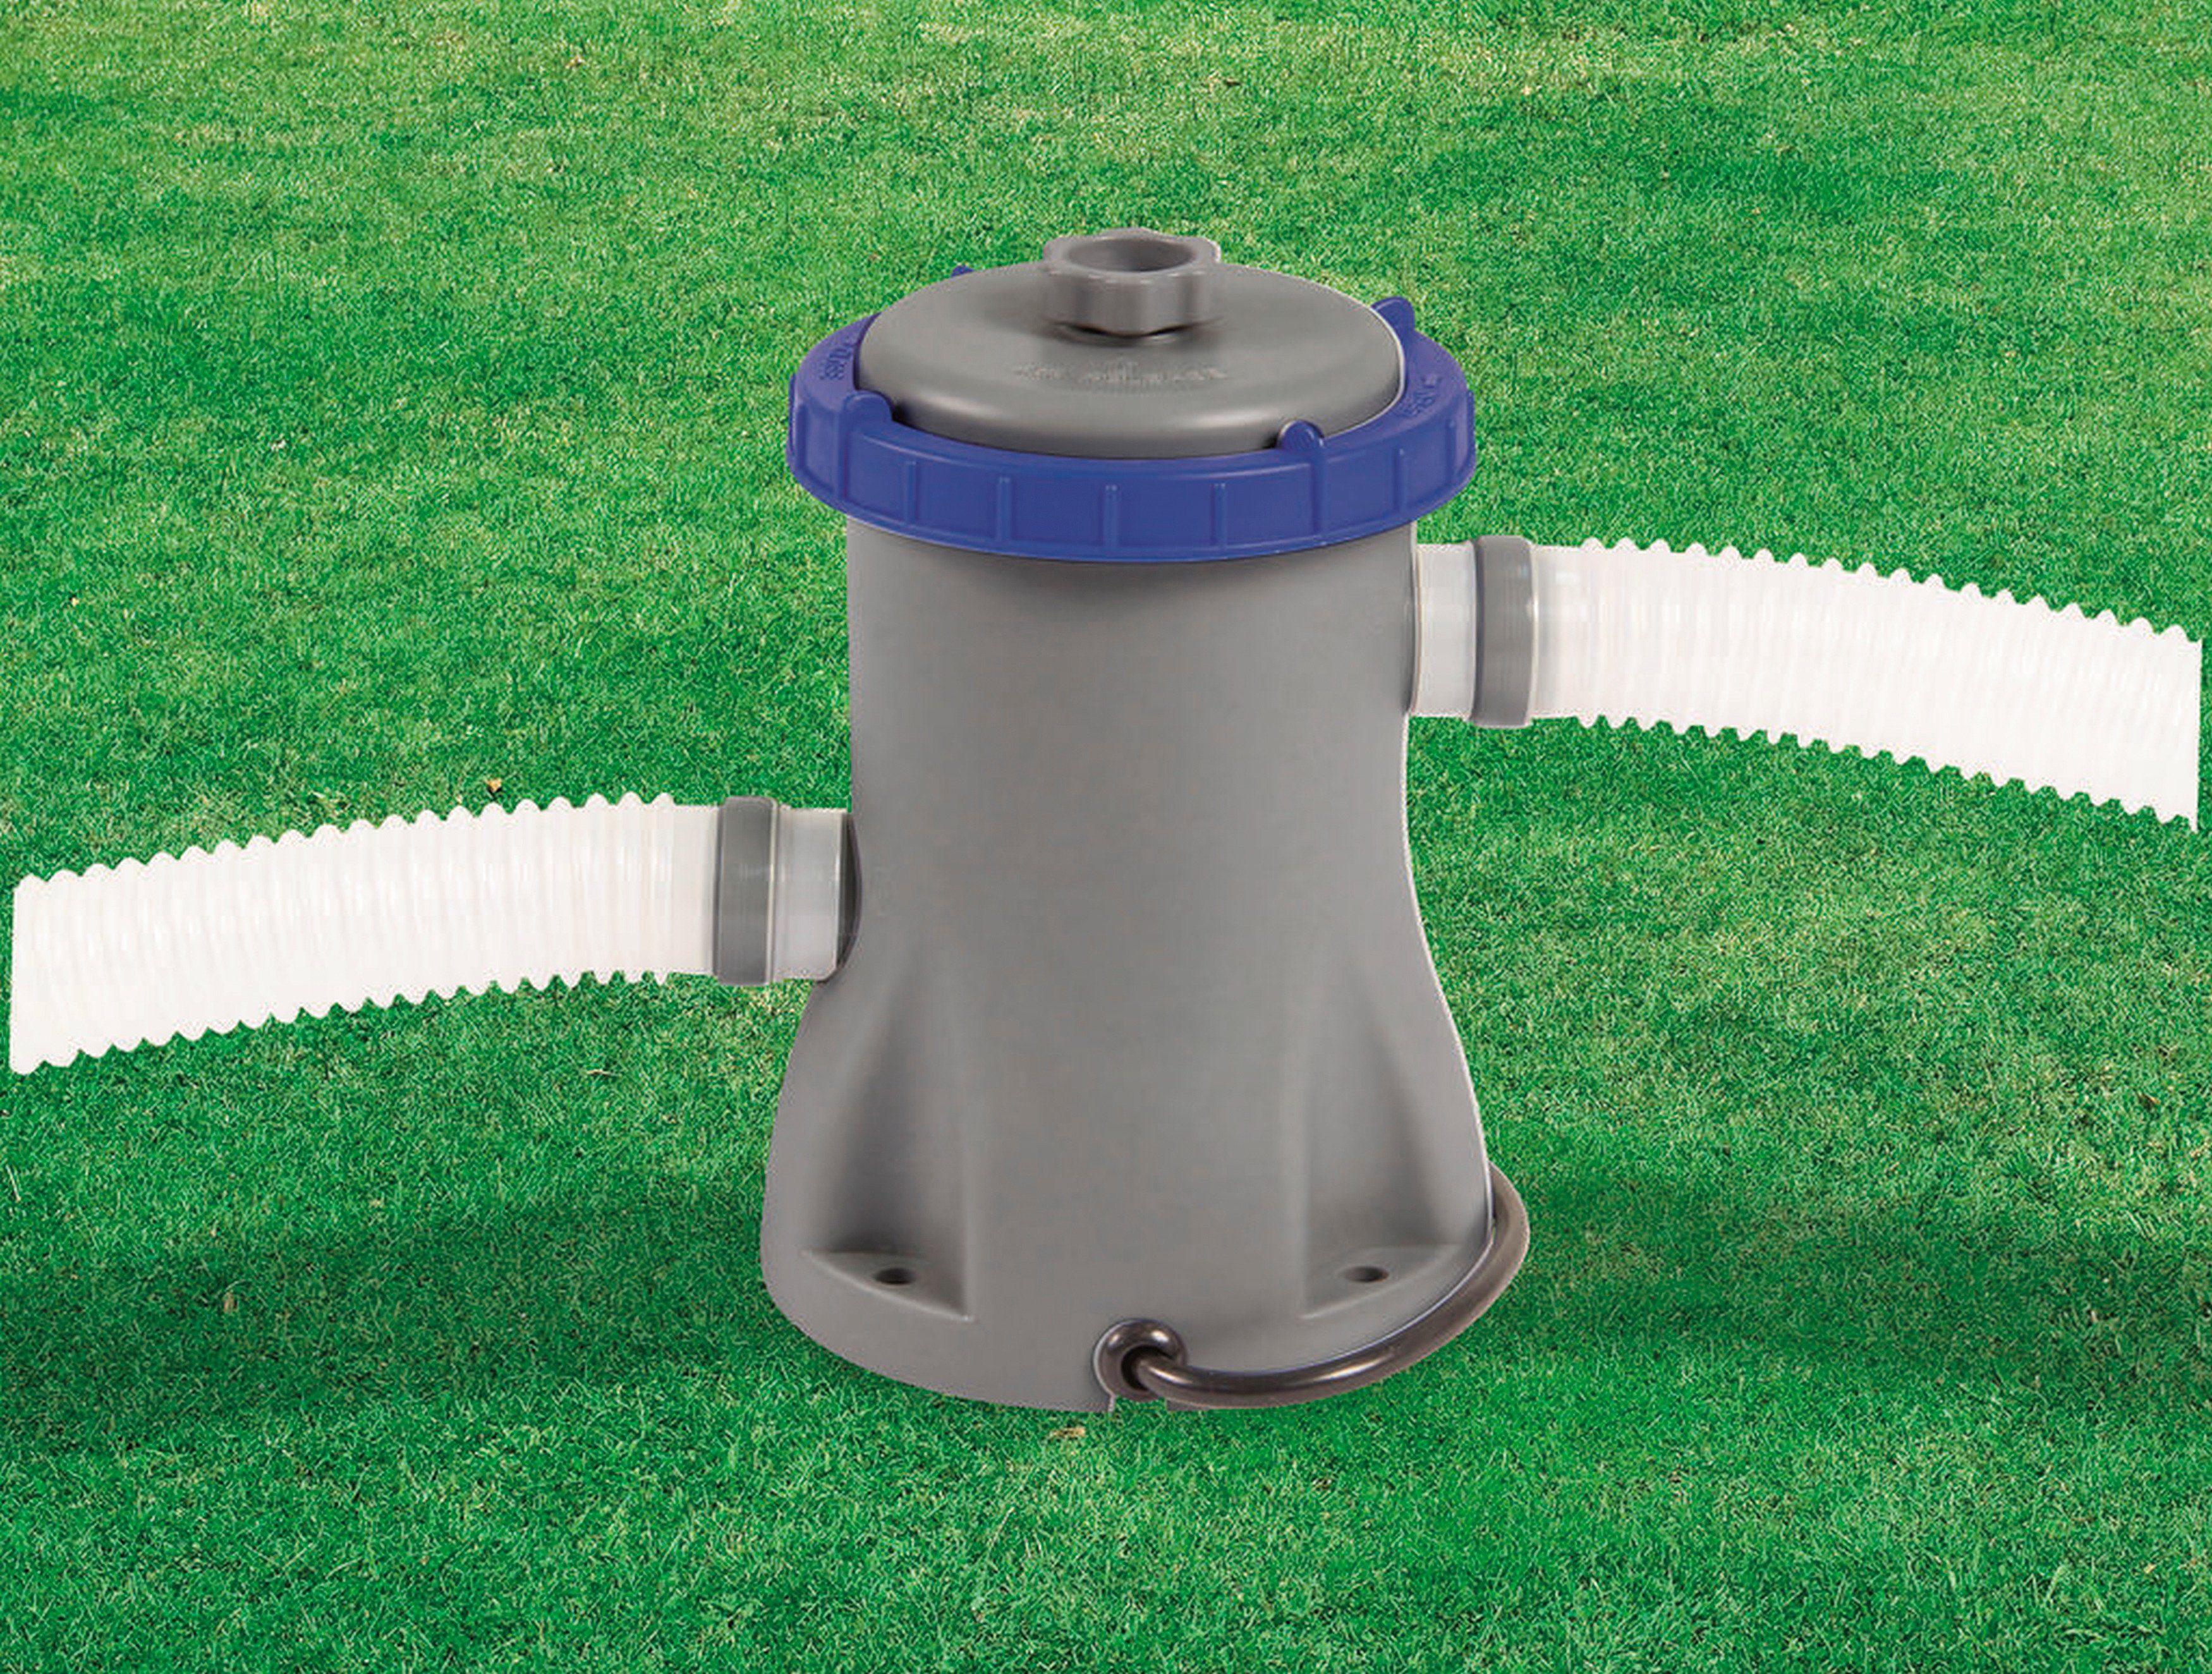 Bestway Filterpumpe »Flowclear Filterpumpe 1249 l/h«